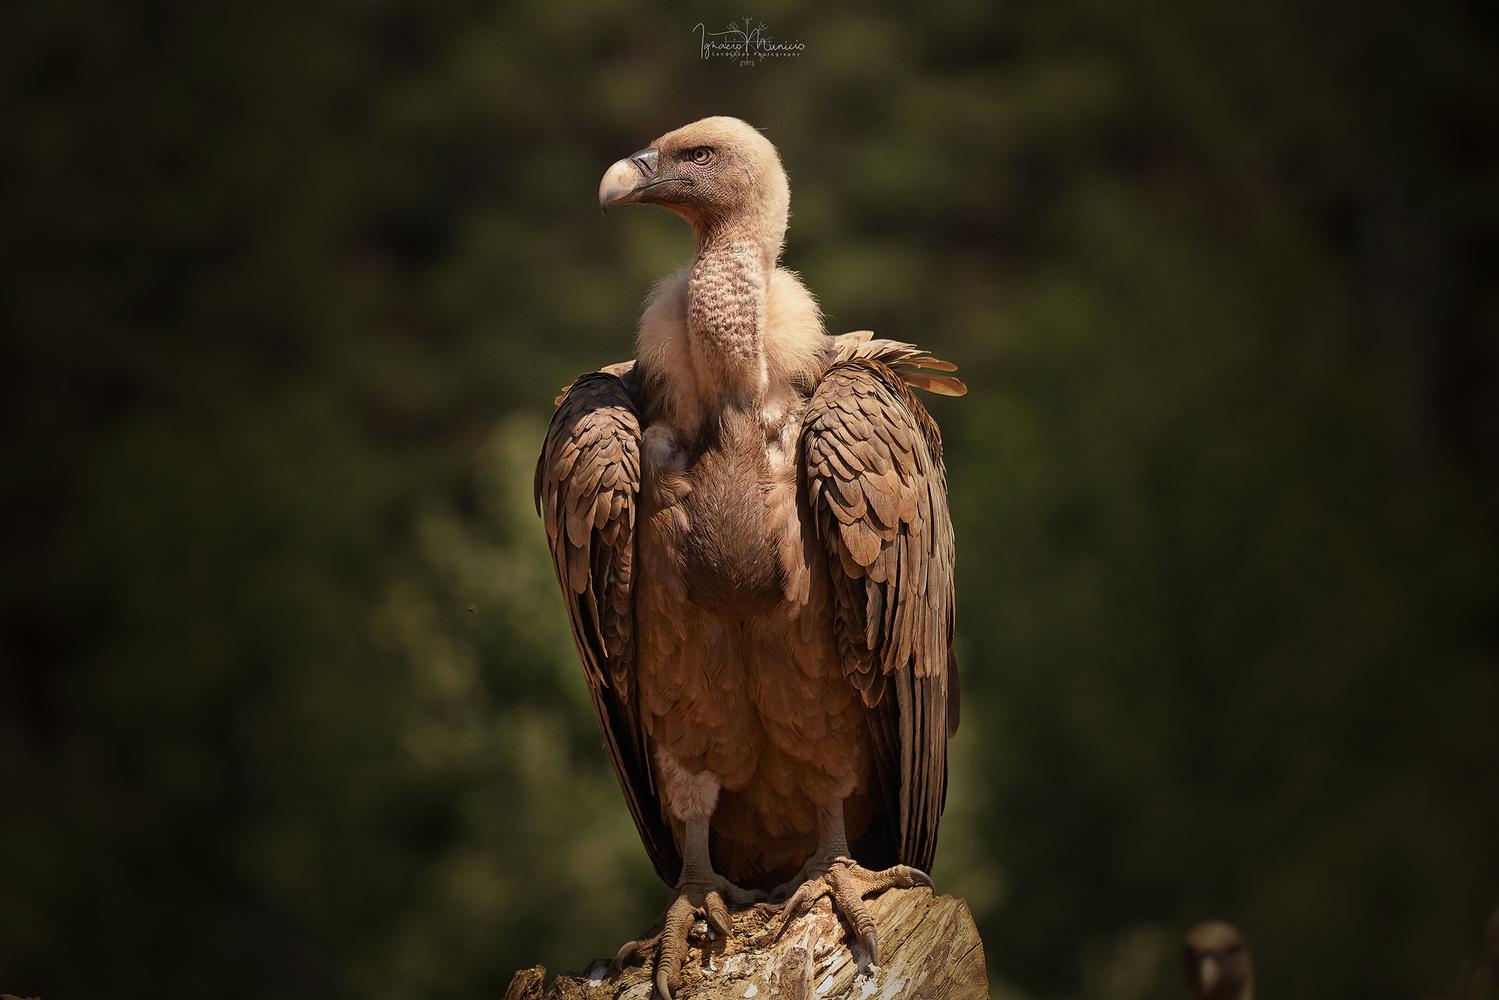 Vulture by Ignacio Municio